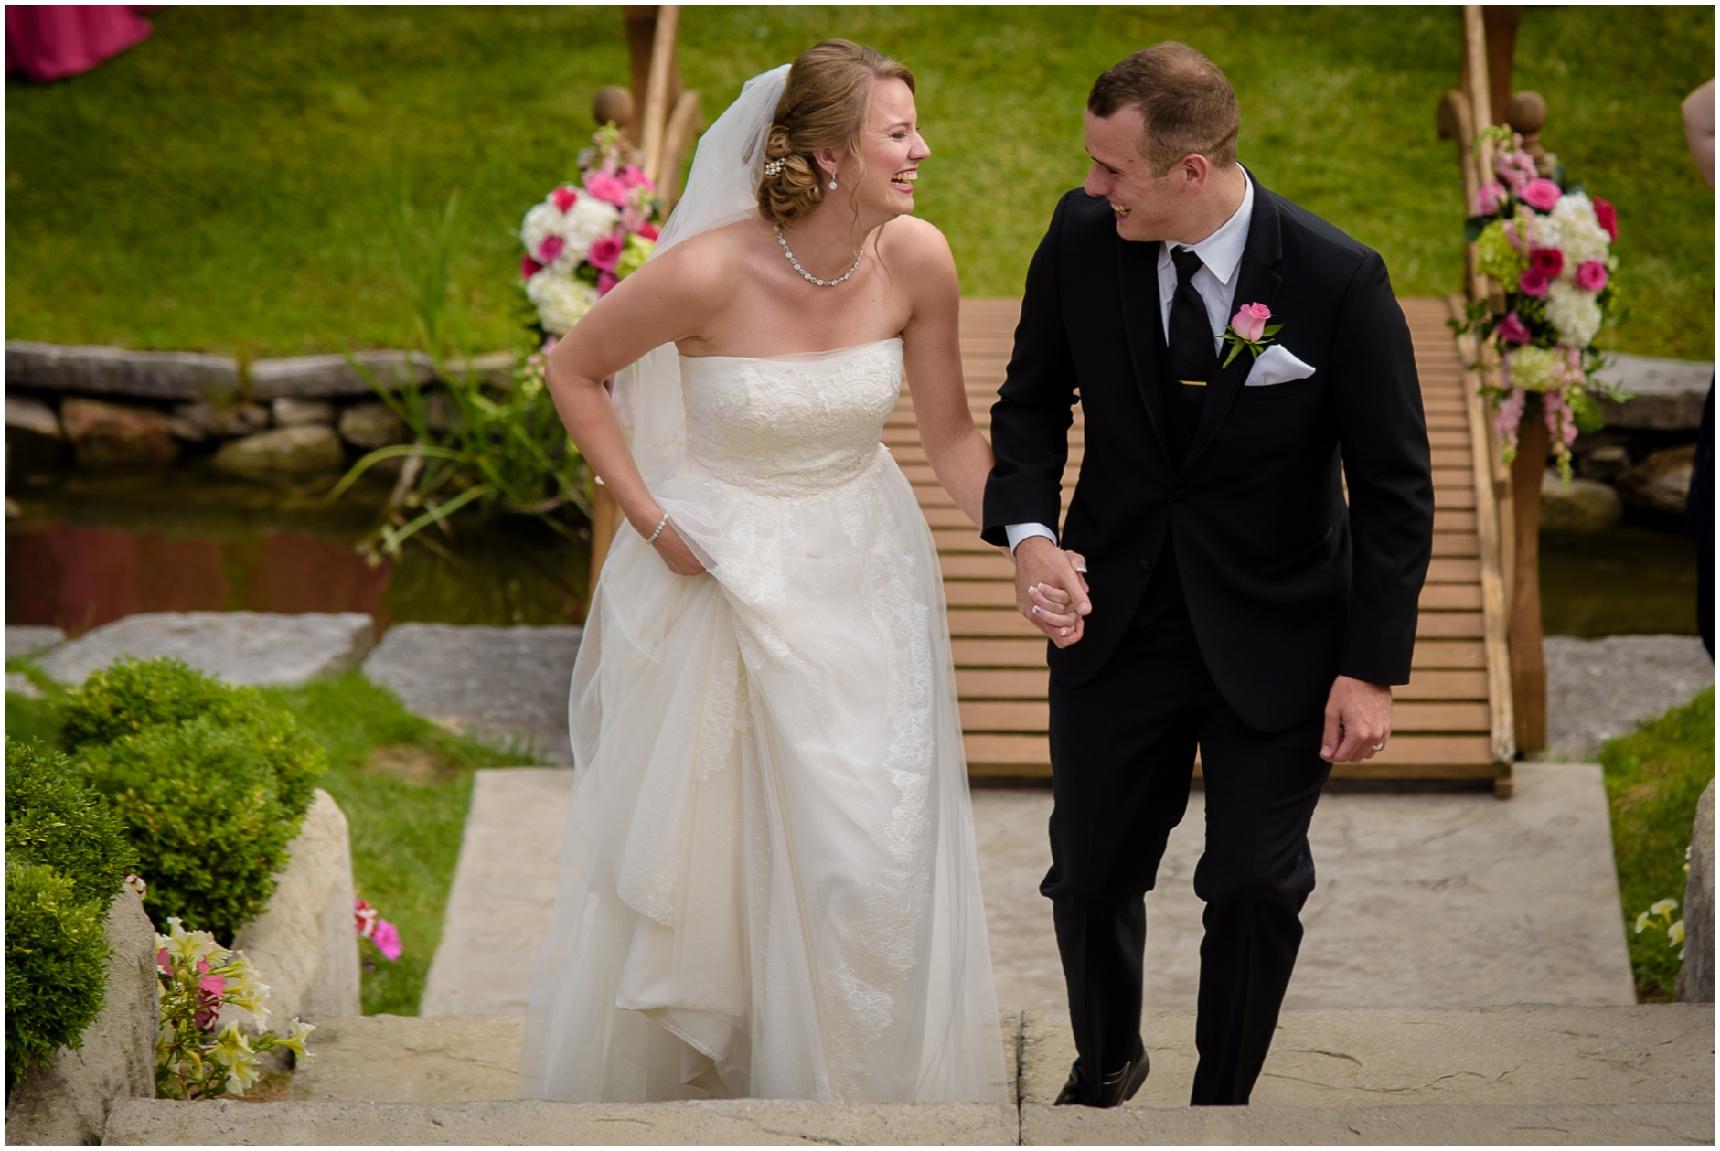 Buffalo-Avanti-Wedding-Photographer_026.jpg